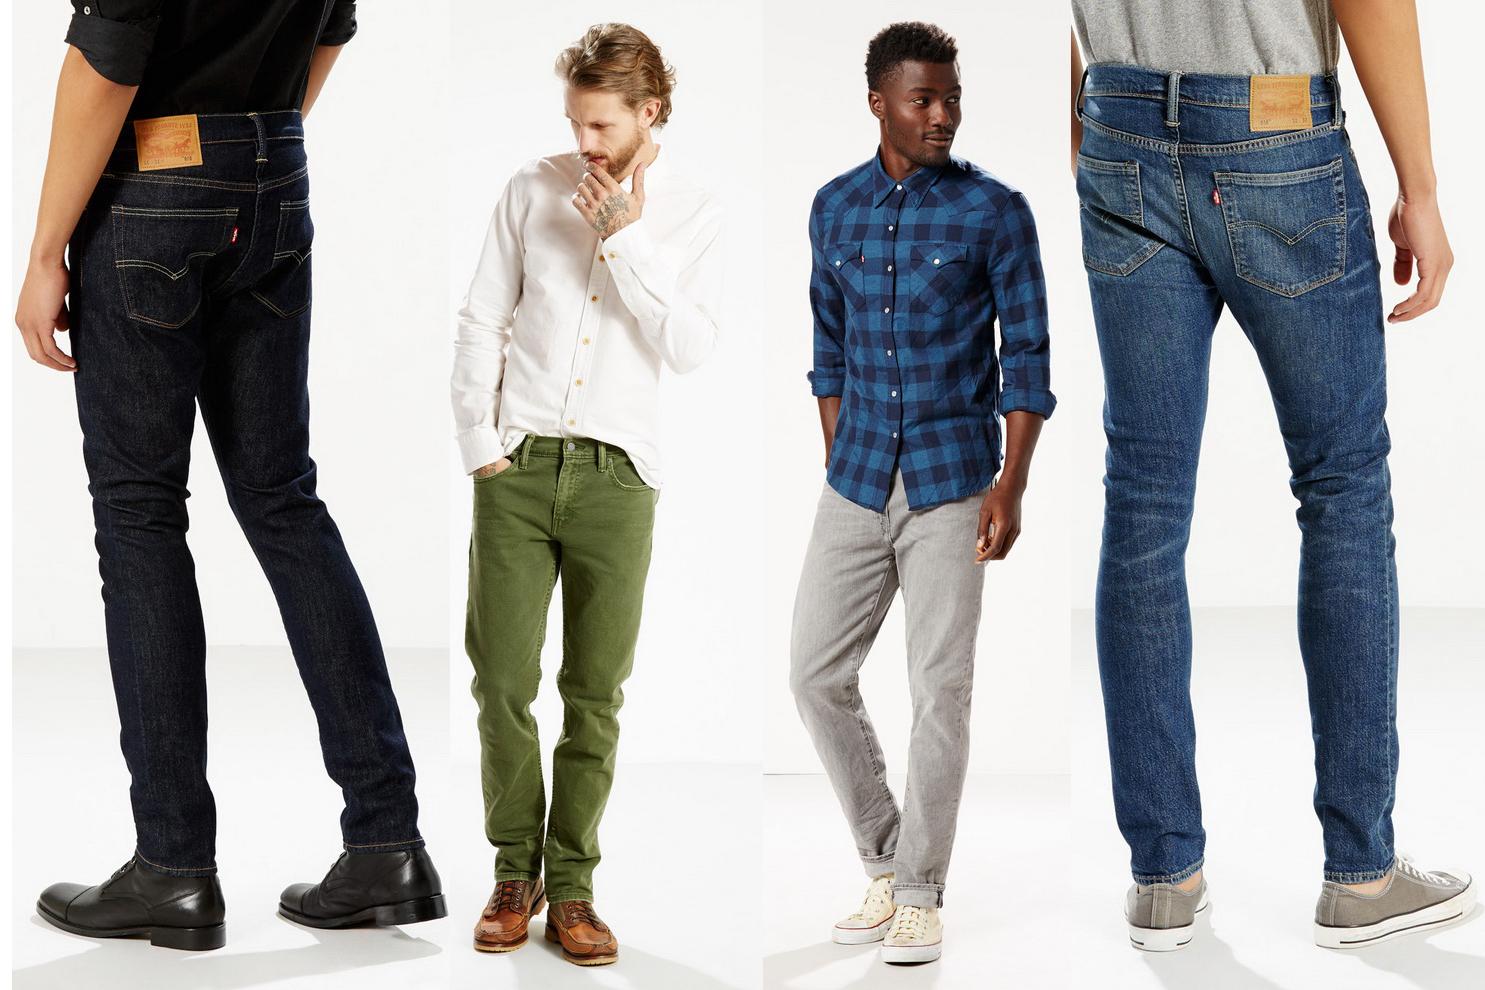 357020ac7 Они разные, модные мужские джинсы Levi's представленные в текущей коллекции  бренда. Зауженные серии 510 skinny или 511 slim, свободного покроя 550  relaxed, ...